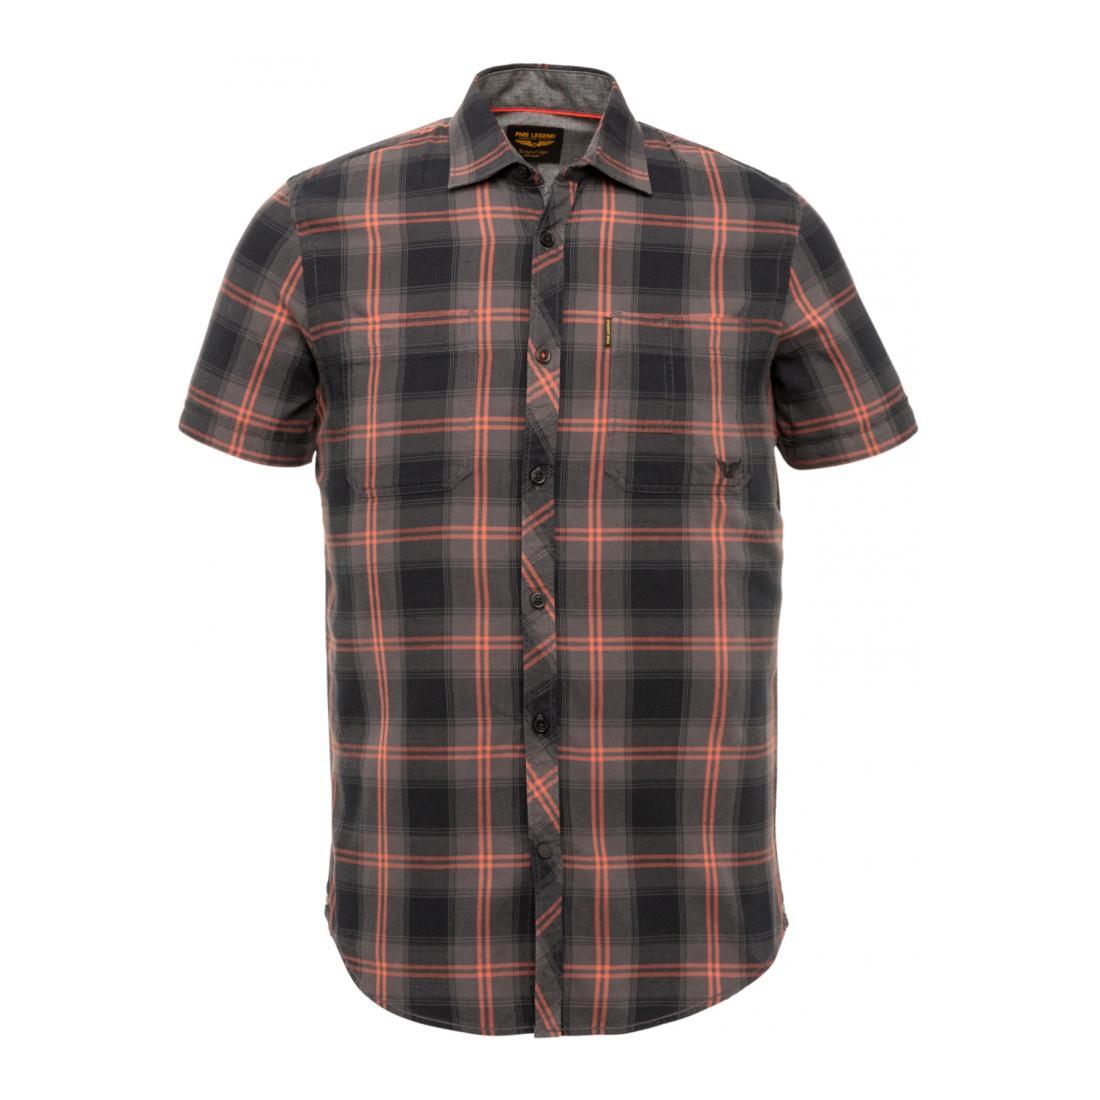 PME Legend Casual Hemden Herren Short Sleeve Shirt Twill